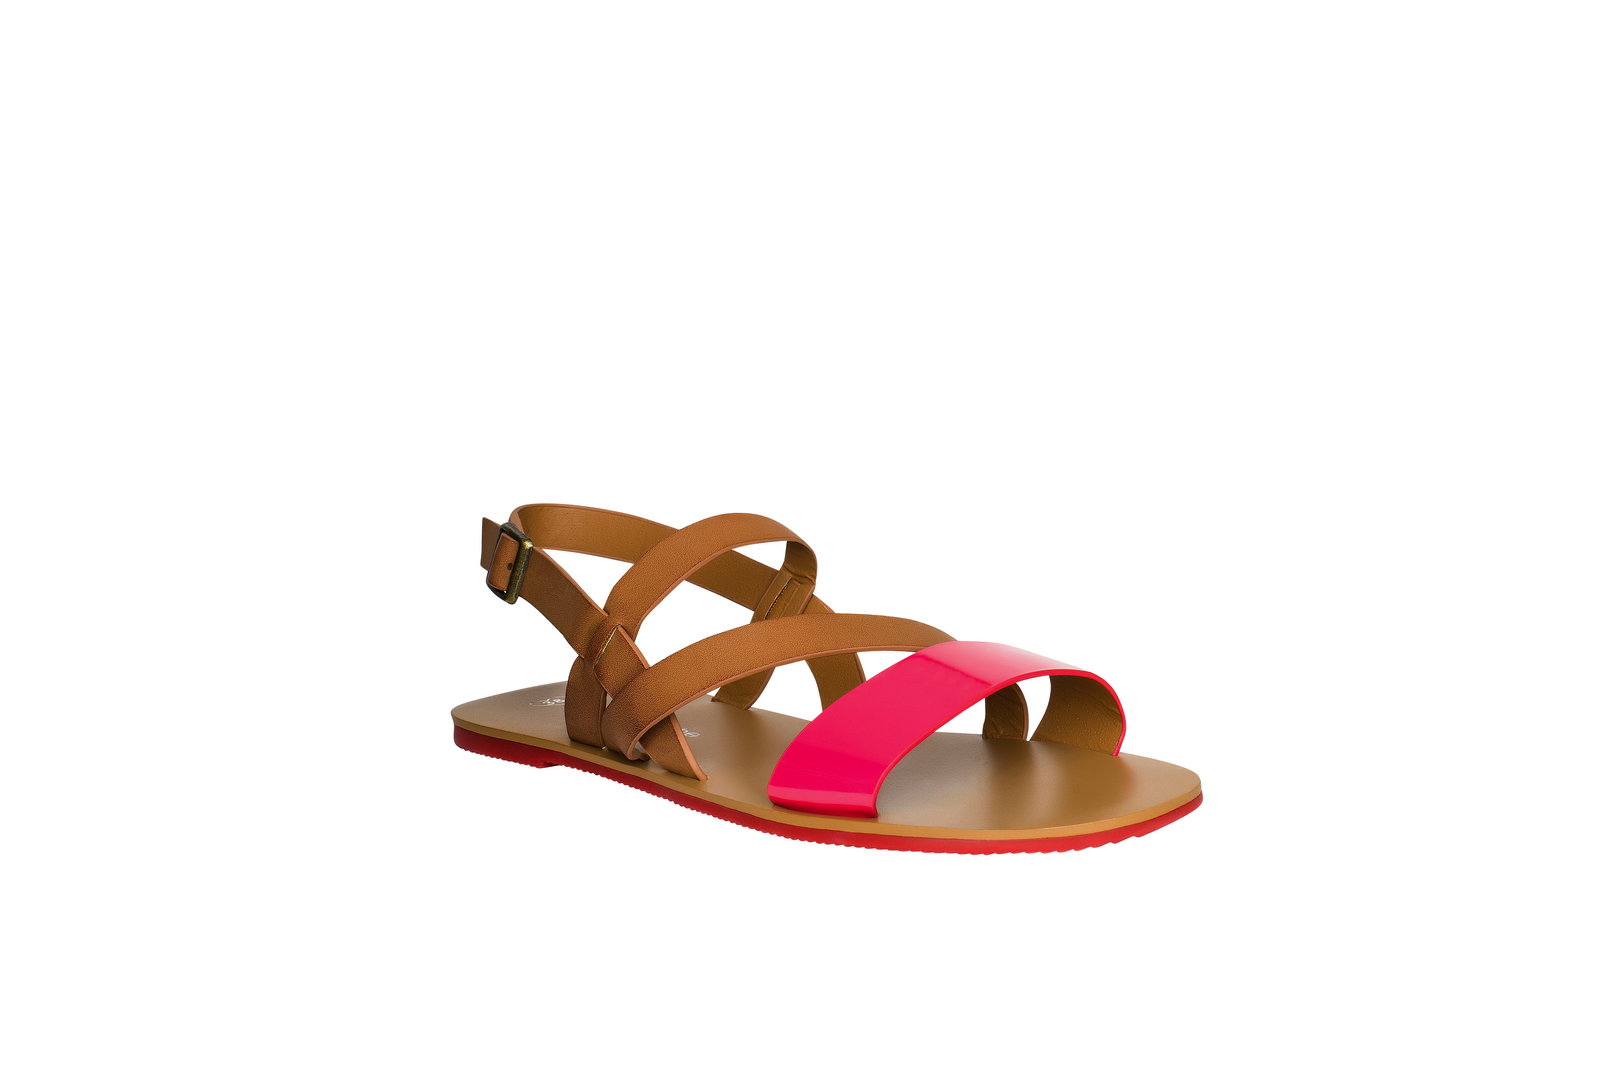 sandales, cache-cache, sandales-cache-cache, chaussures-cache-cache, sandales-femmes, sandales-compensées, sandales-tropéziennes, sandales-homme, birkenstock, sandales-kickers, sandales-enfants, nu-pieds, nu-pieds-femme, dudessinauxpodiums, du-dessin-aux-podiums, sandales-lanières, sandale-à-lanières, sandale-plate